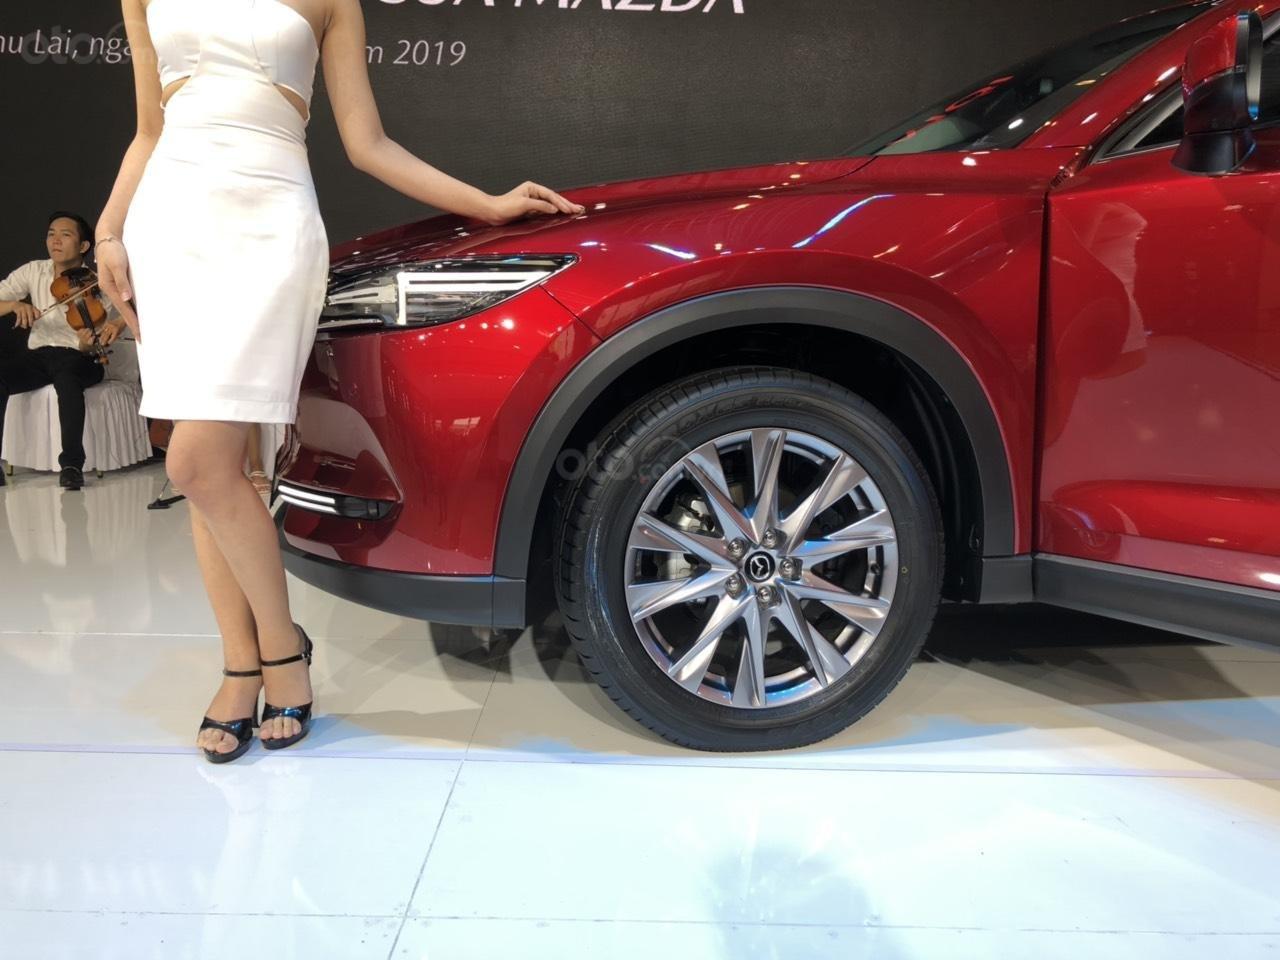 Giá xe Mazda CX-5 sau ưu đãi, tăng cao nhất 30 triệu đồng a2